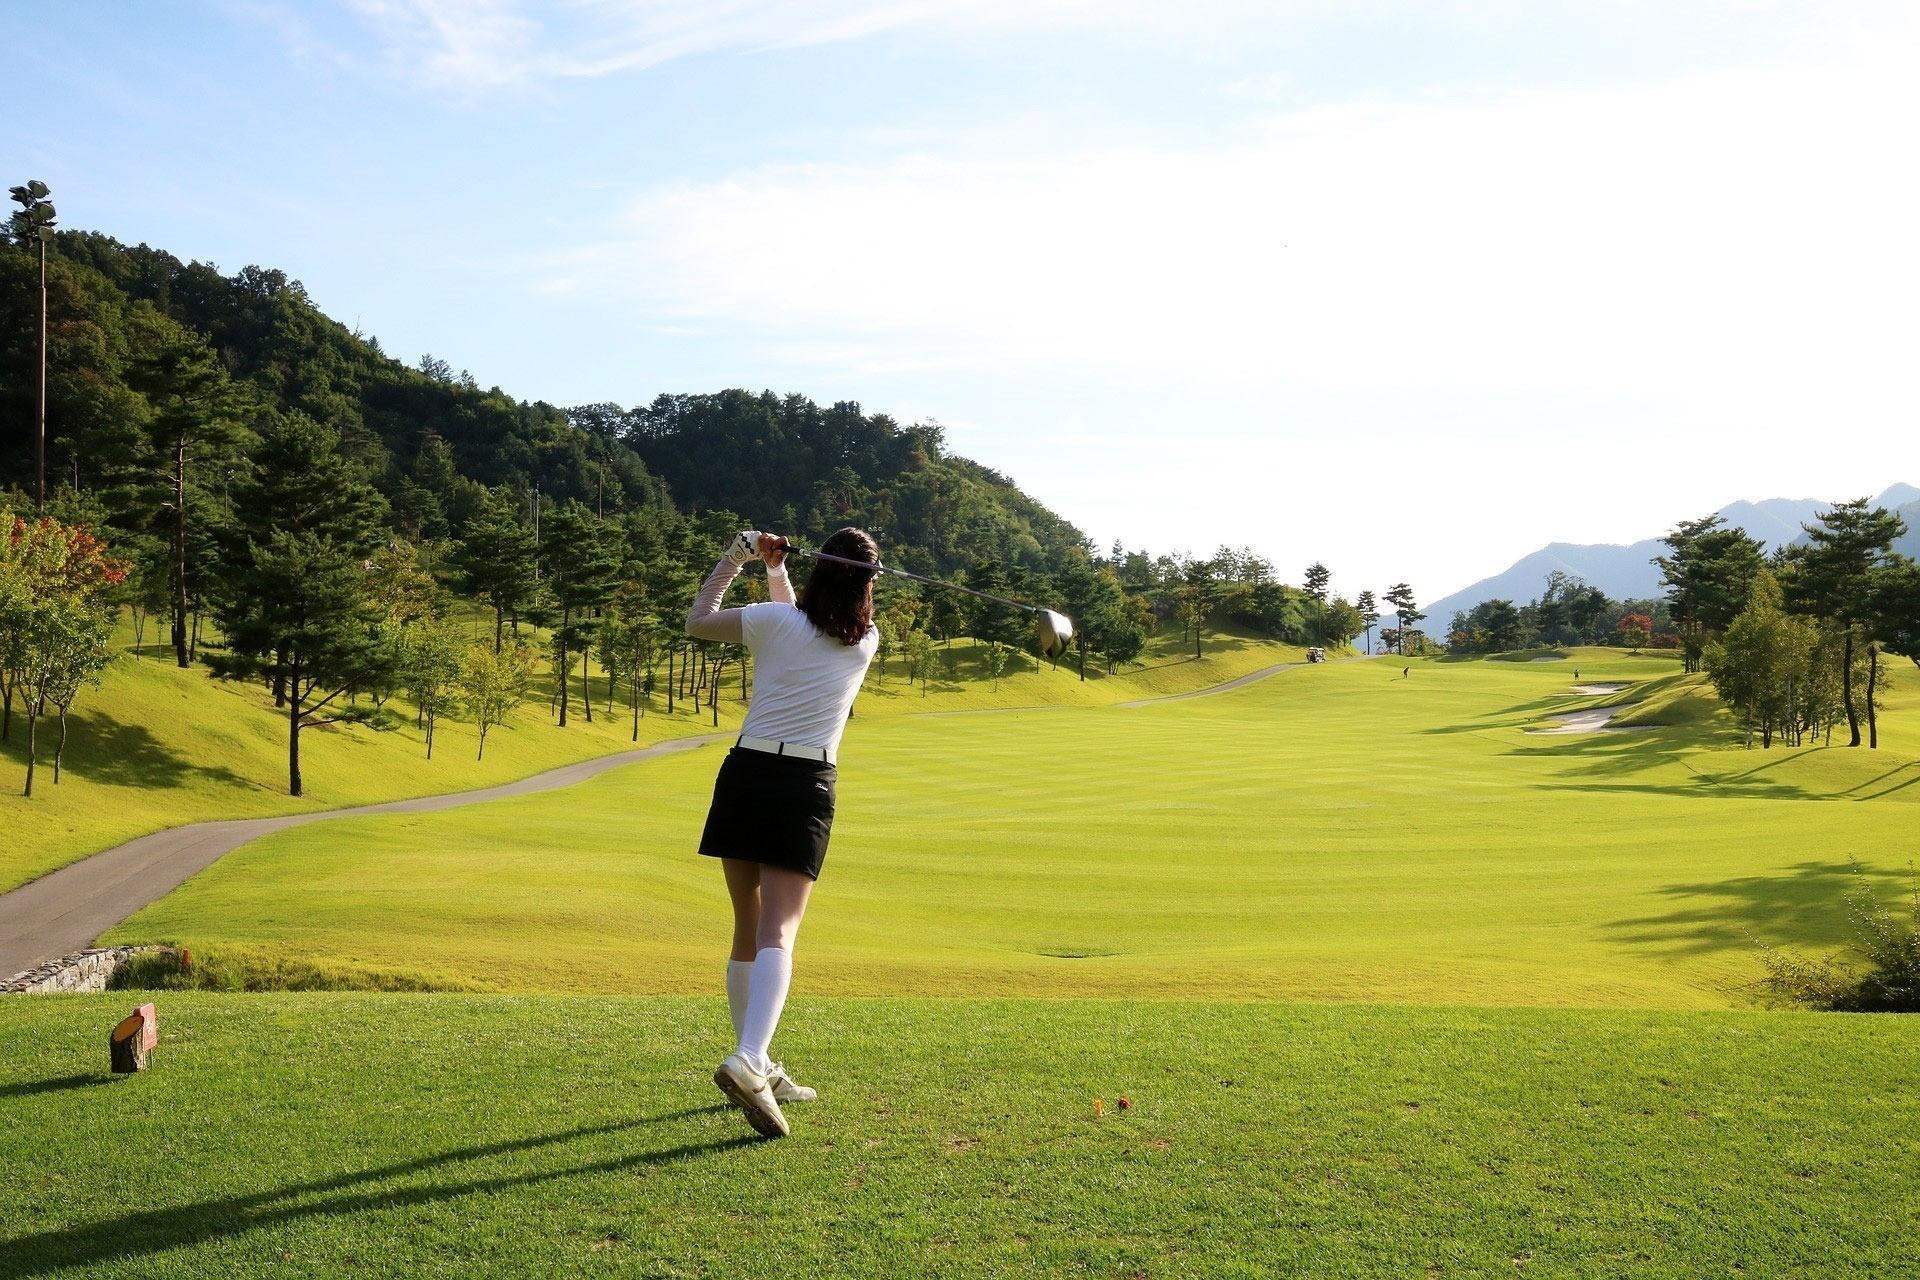 Tee off Cửa Lò Golf Resort- Chơi golf không giới hạn - Cuối tuần